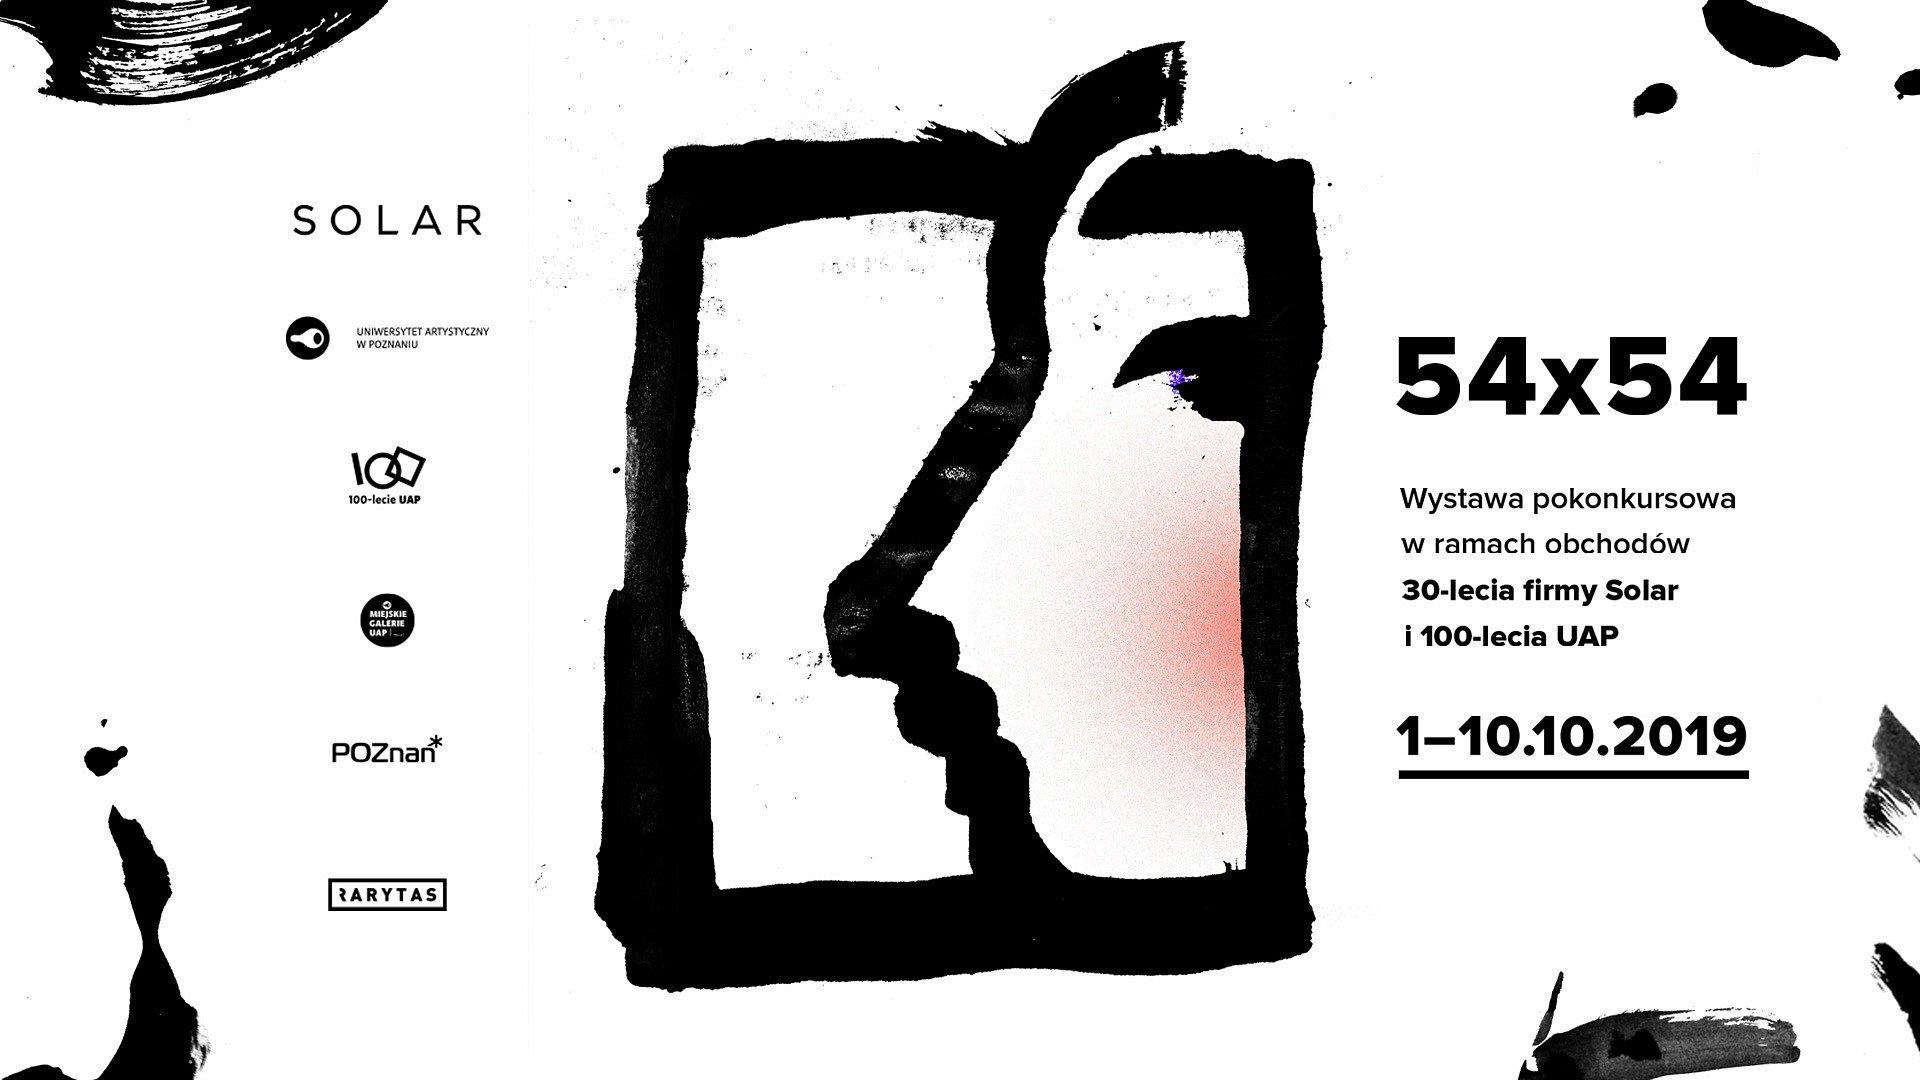 Wystawa pokonkursowa w ramach obchodów 30-lecia marki Solar